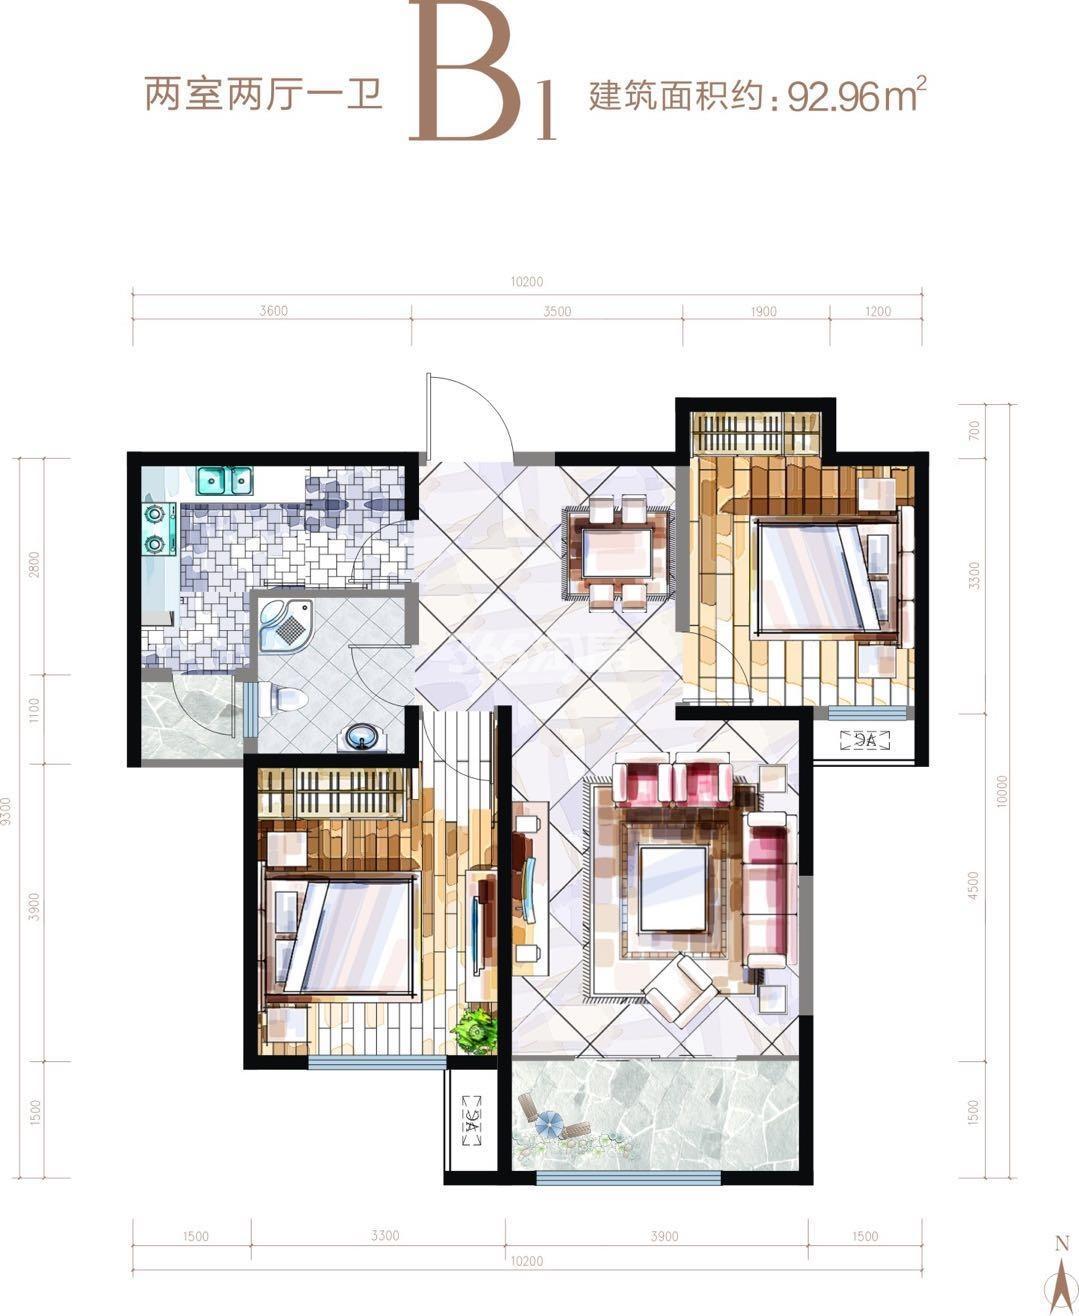 华安紫竹苑B1户型两室两厅一厨一卫92.96㎡